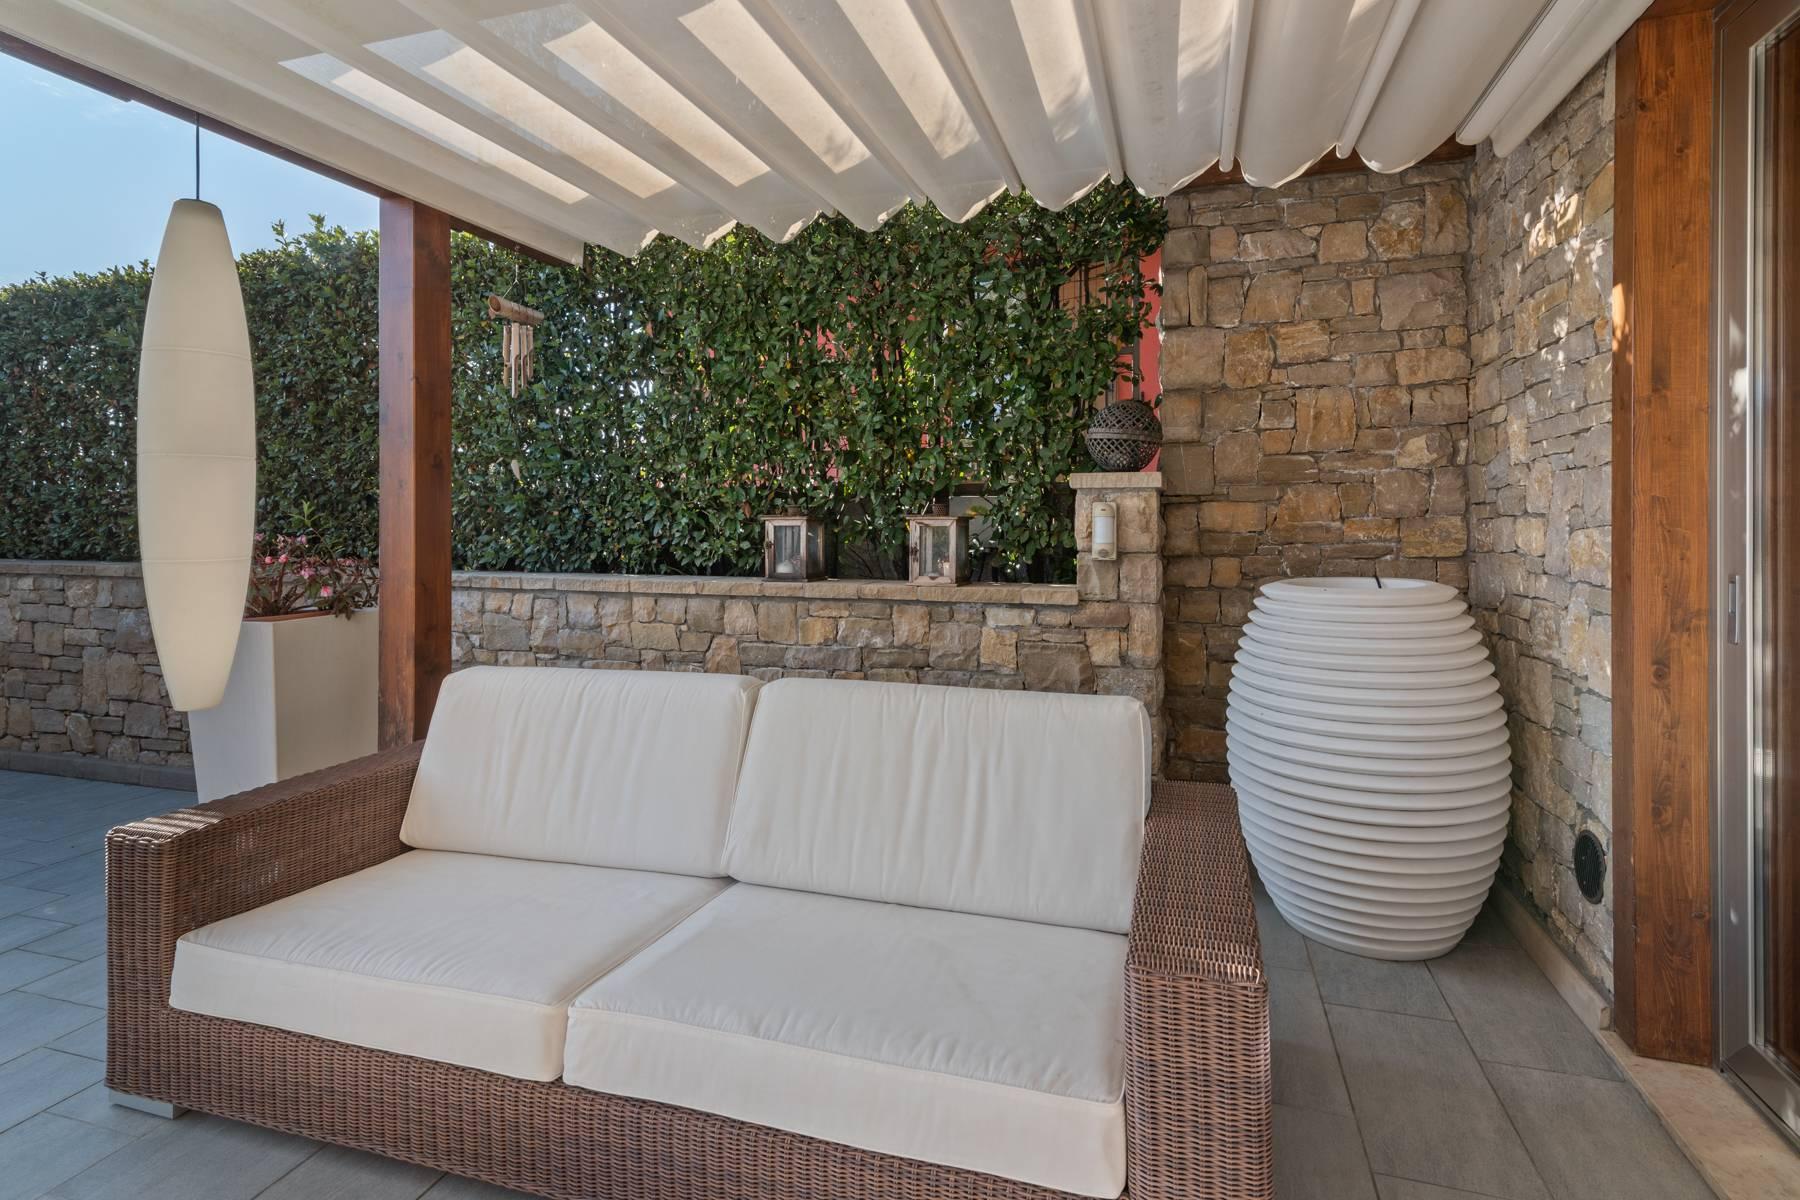 Villa in Vendita a Nembro: 5 locali, 530 mq - Foto 14